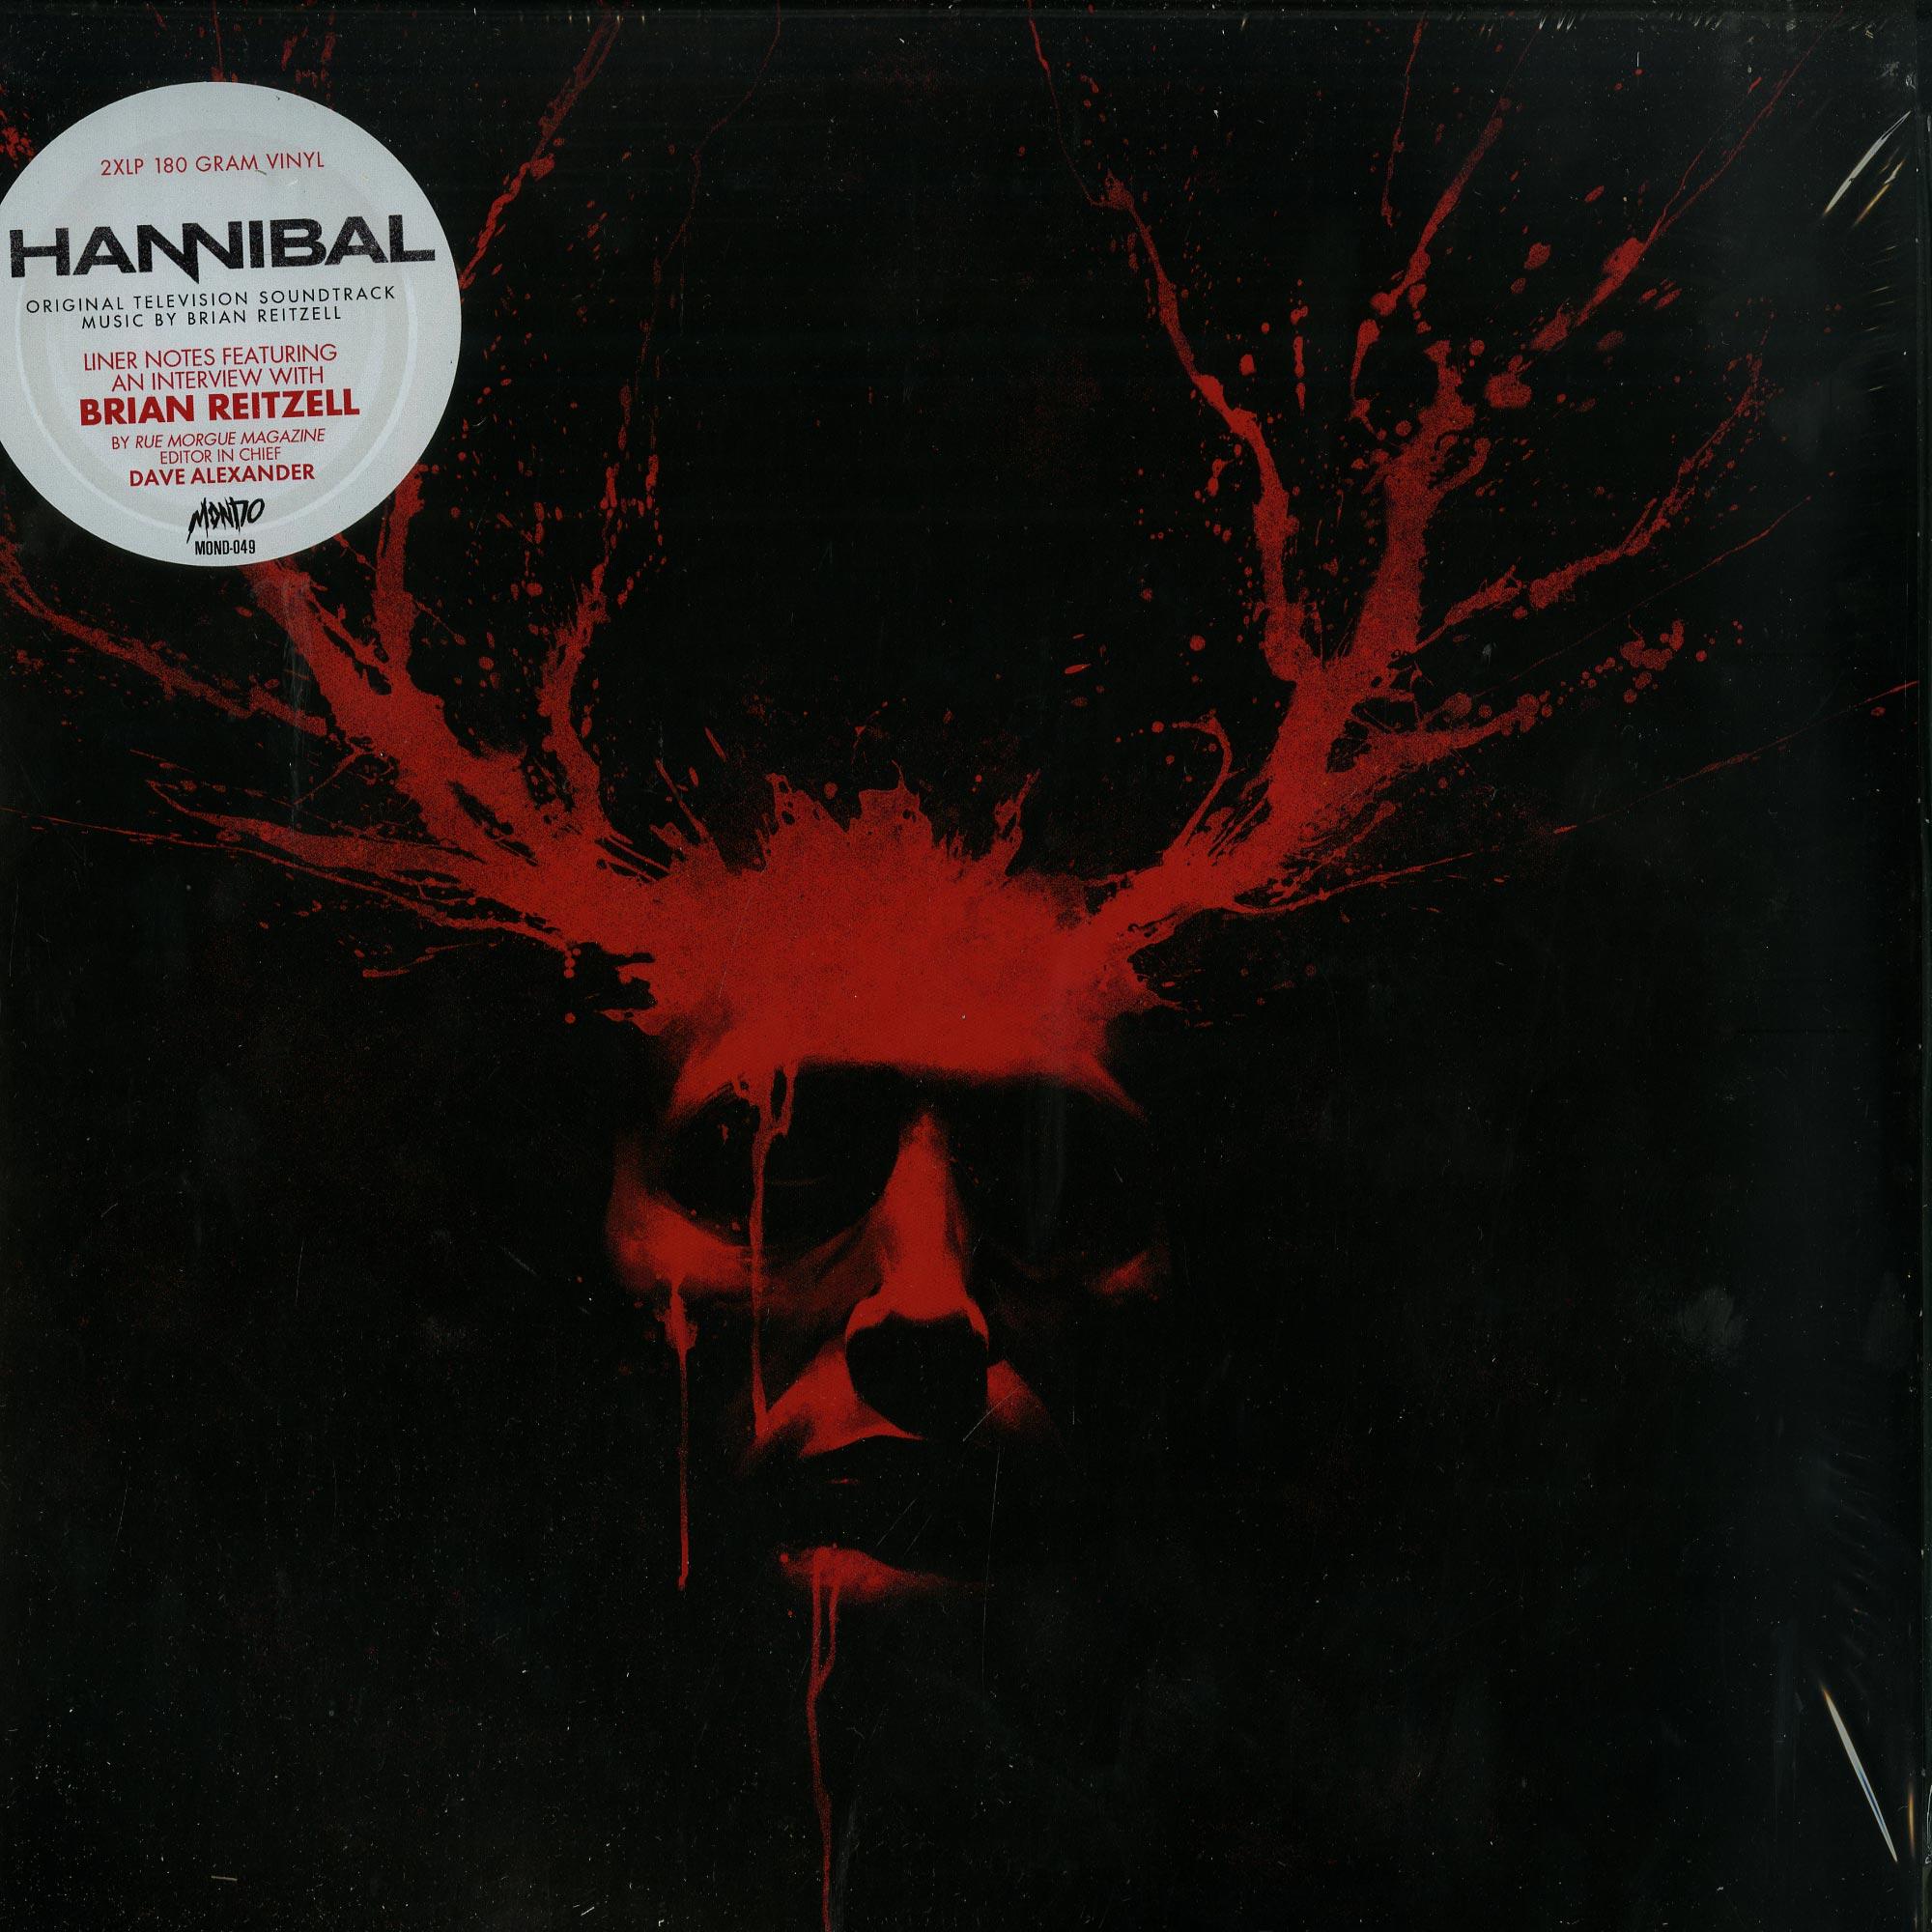 Brian Reitzell - HANNIBAL